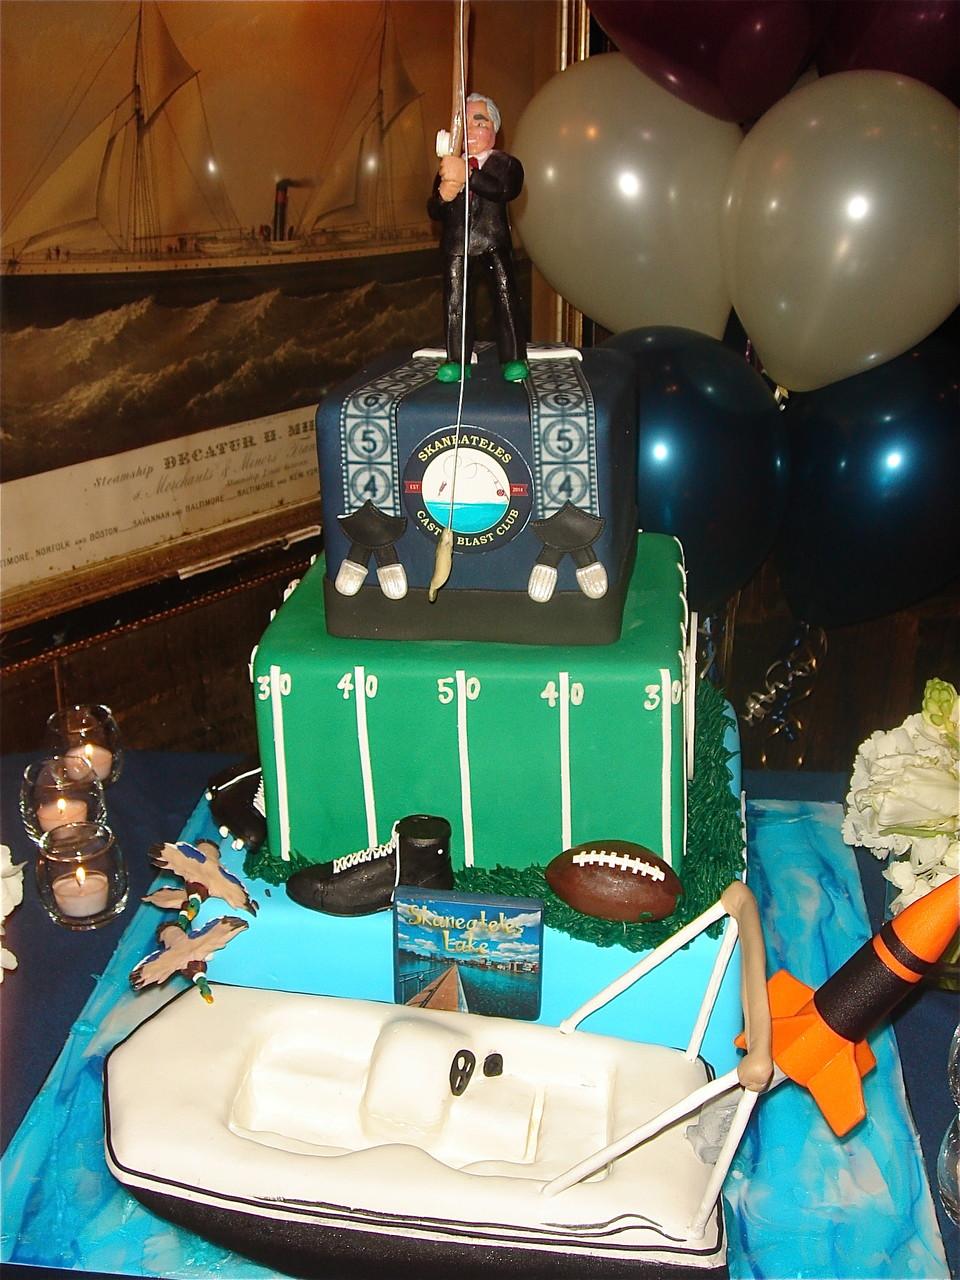 The amazing Birthday cake from Cake Boss!!